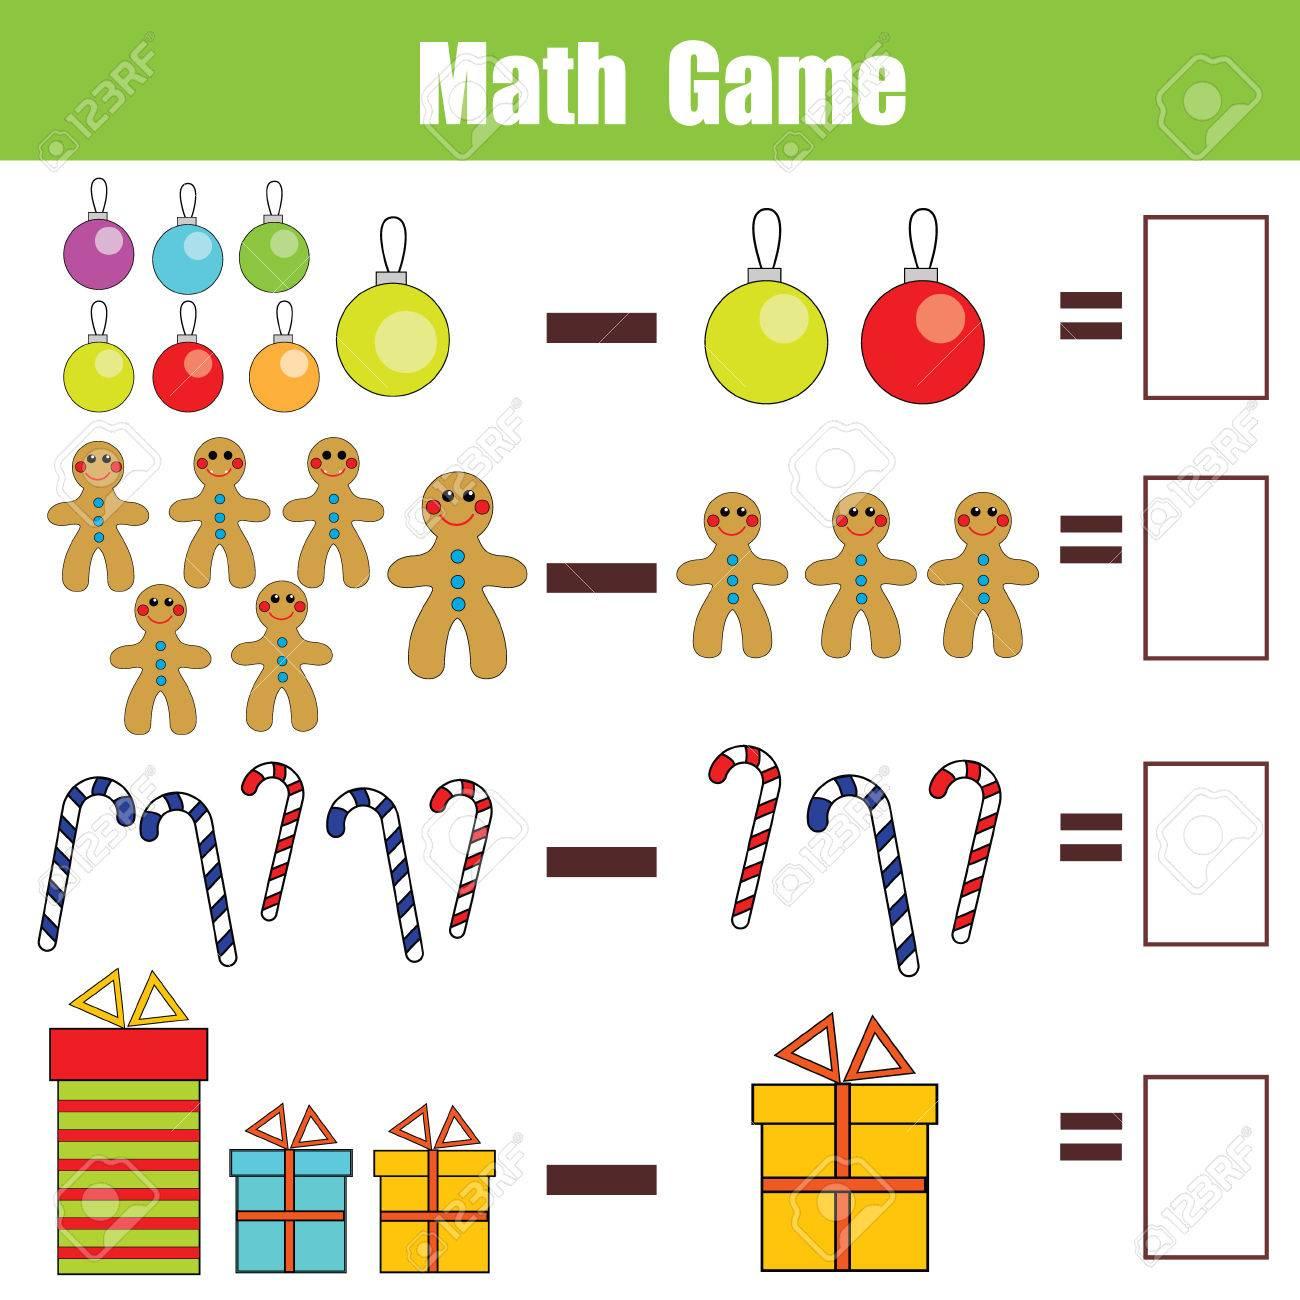 Mathématiques Jeu Éducatif Pour Les Enfants. Apprendre La Soustraction  Feuille De Calcul Pour Les Enfants, Thème De Noël dedans Jeu Calcul Enfant